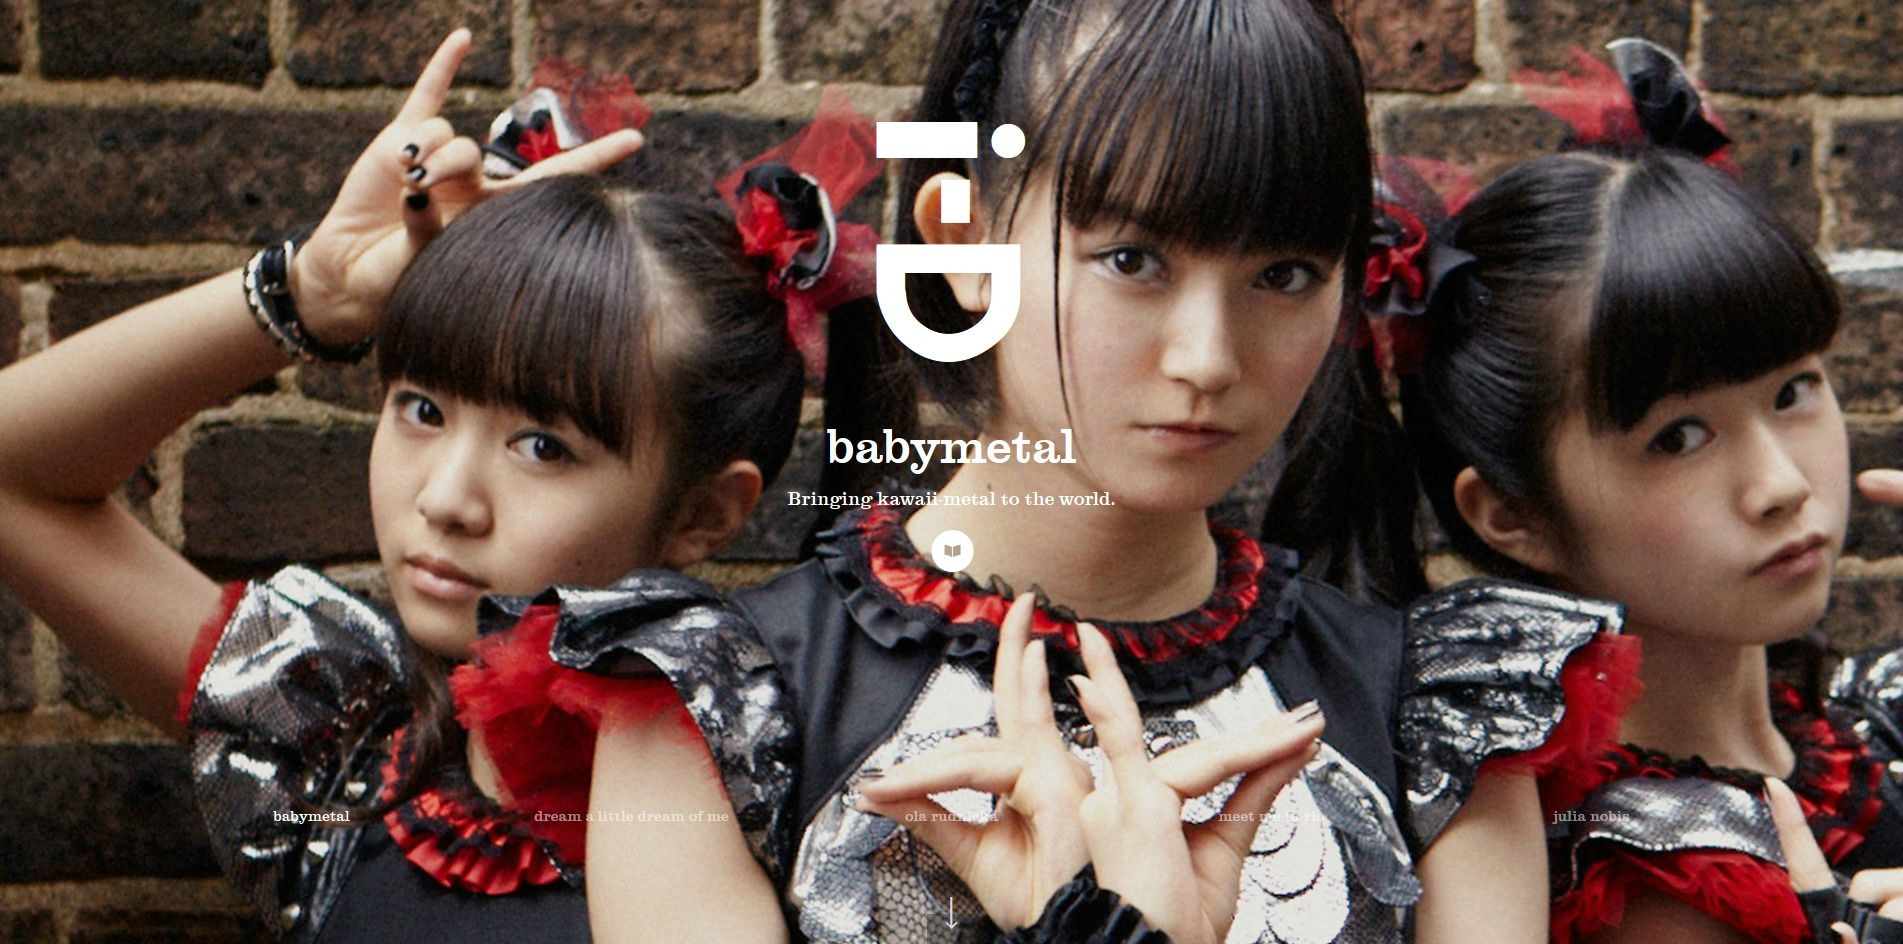 I-D BABYMETAL